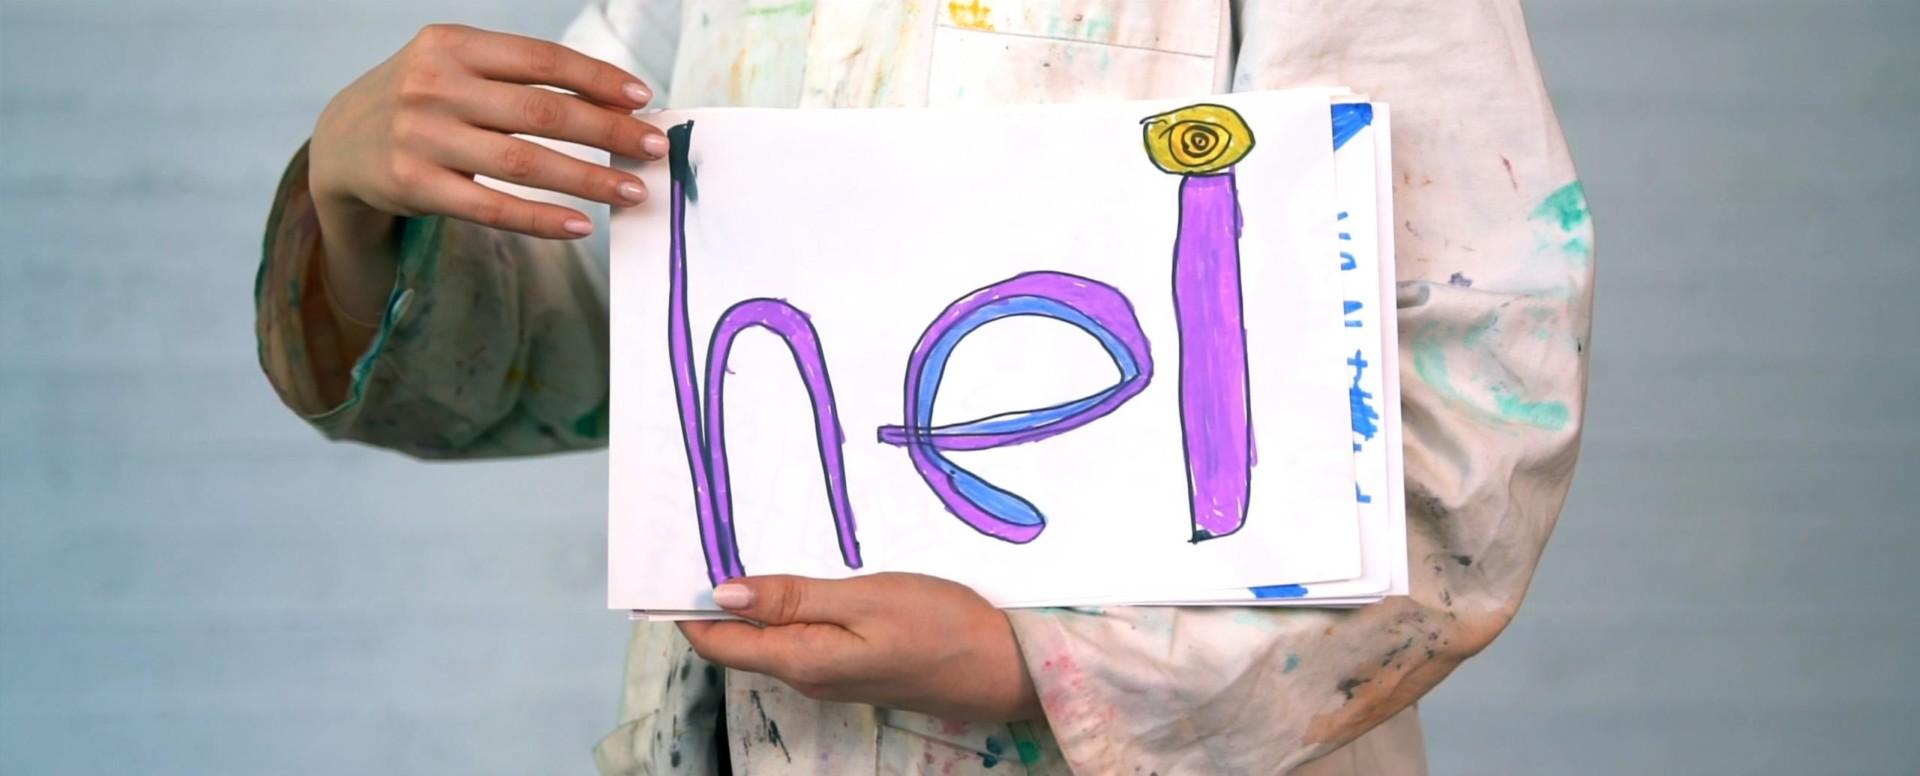 """Koululaisen kirjoittama sana """"hei"""" valkoisella paperilla on osa Tokaluokkalaisten taideretken työpajoja."""